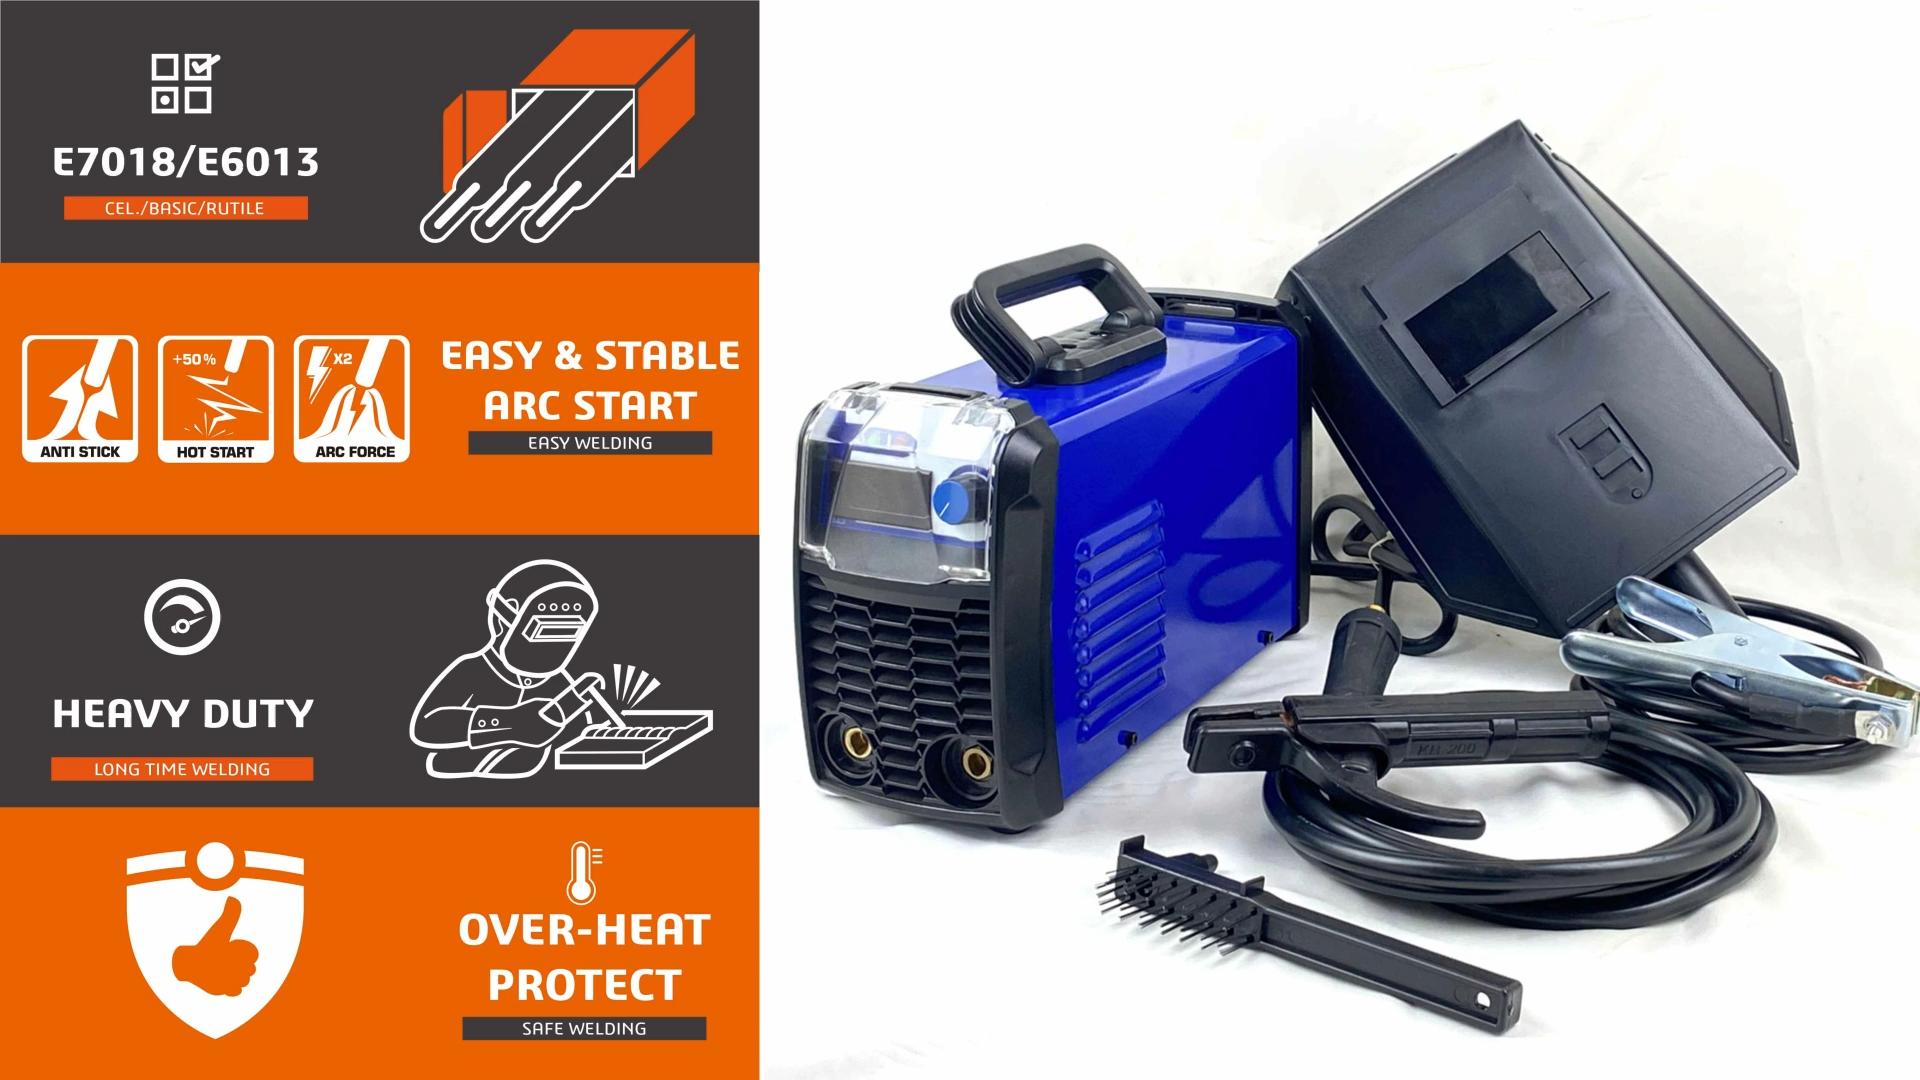 Çift voltaj 110/220V ECO serisi mma 200 inverter kaynak makinası ark kaynak malzemeleri doğrudan online satış